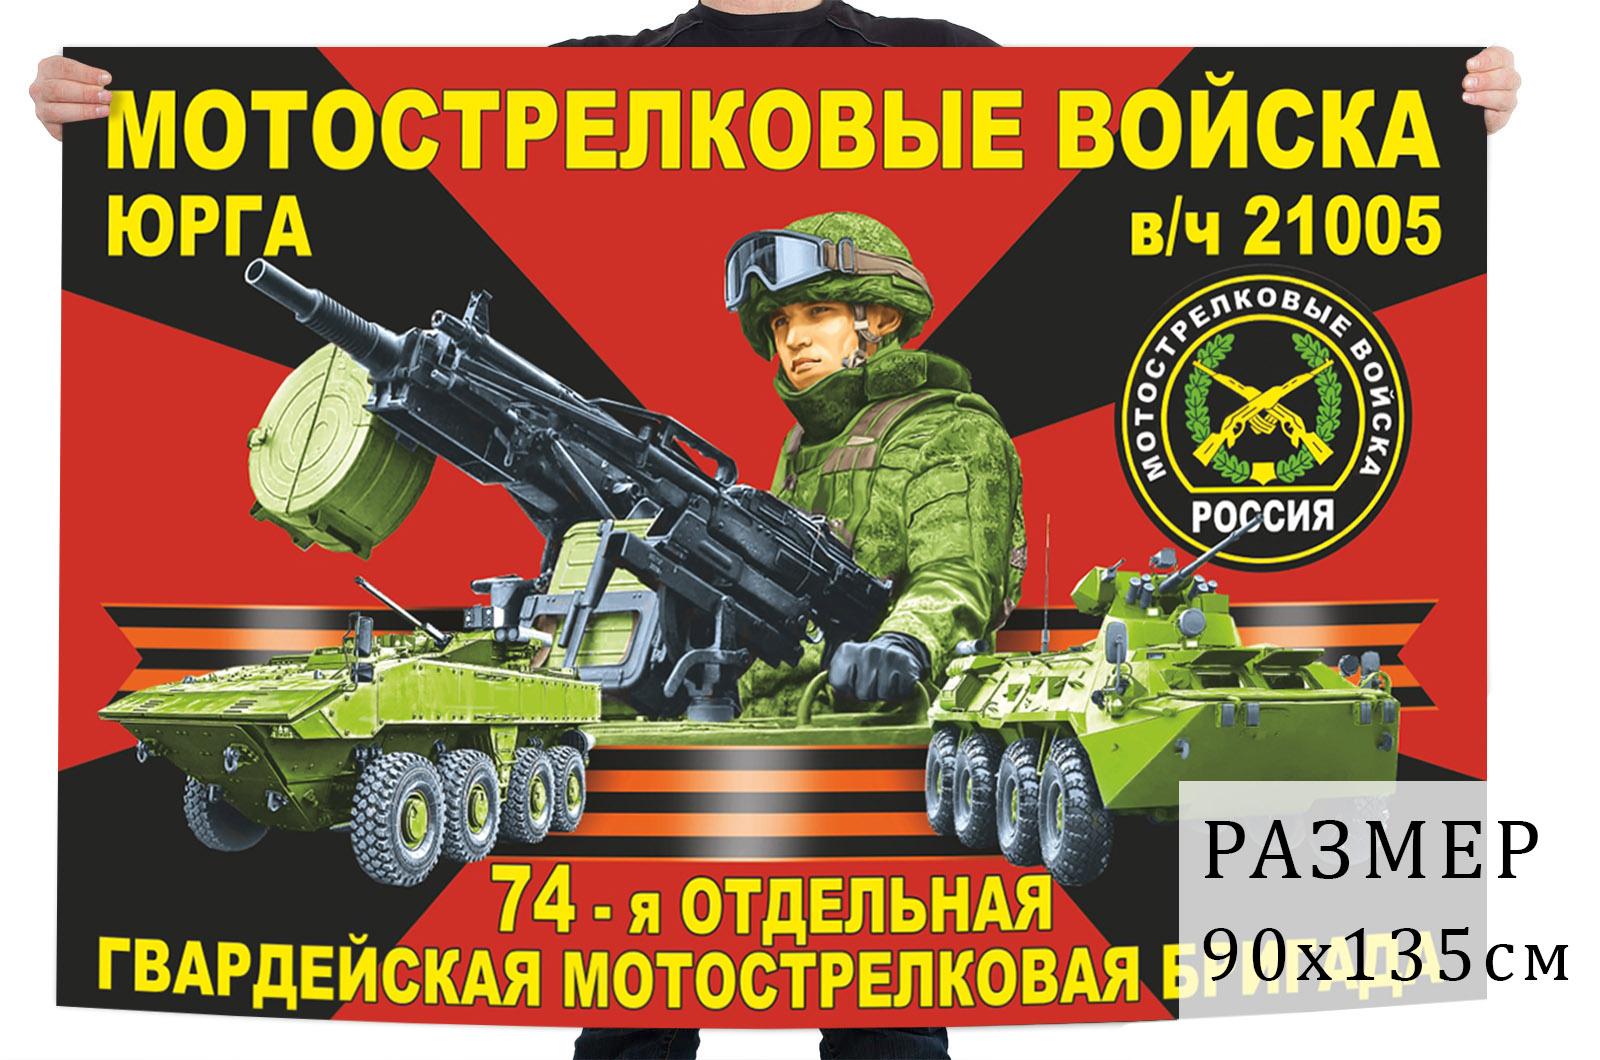 Флаг 74 отдельной гвардейской мотострелковой бригады